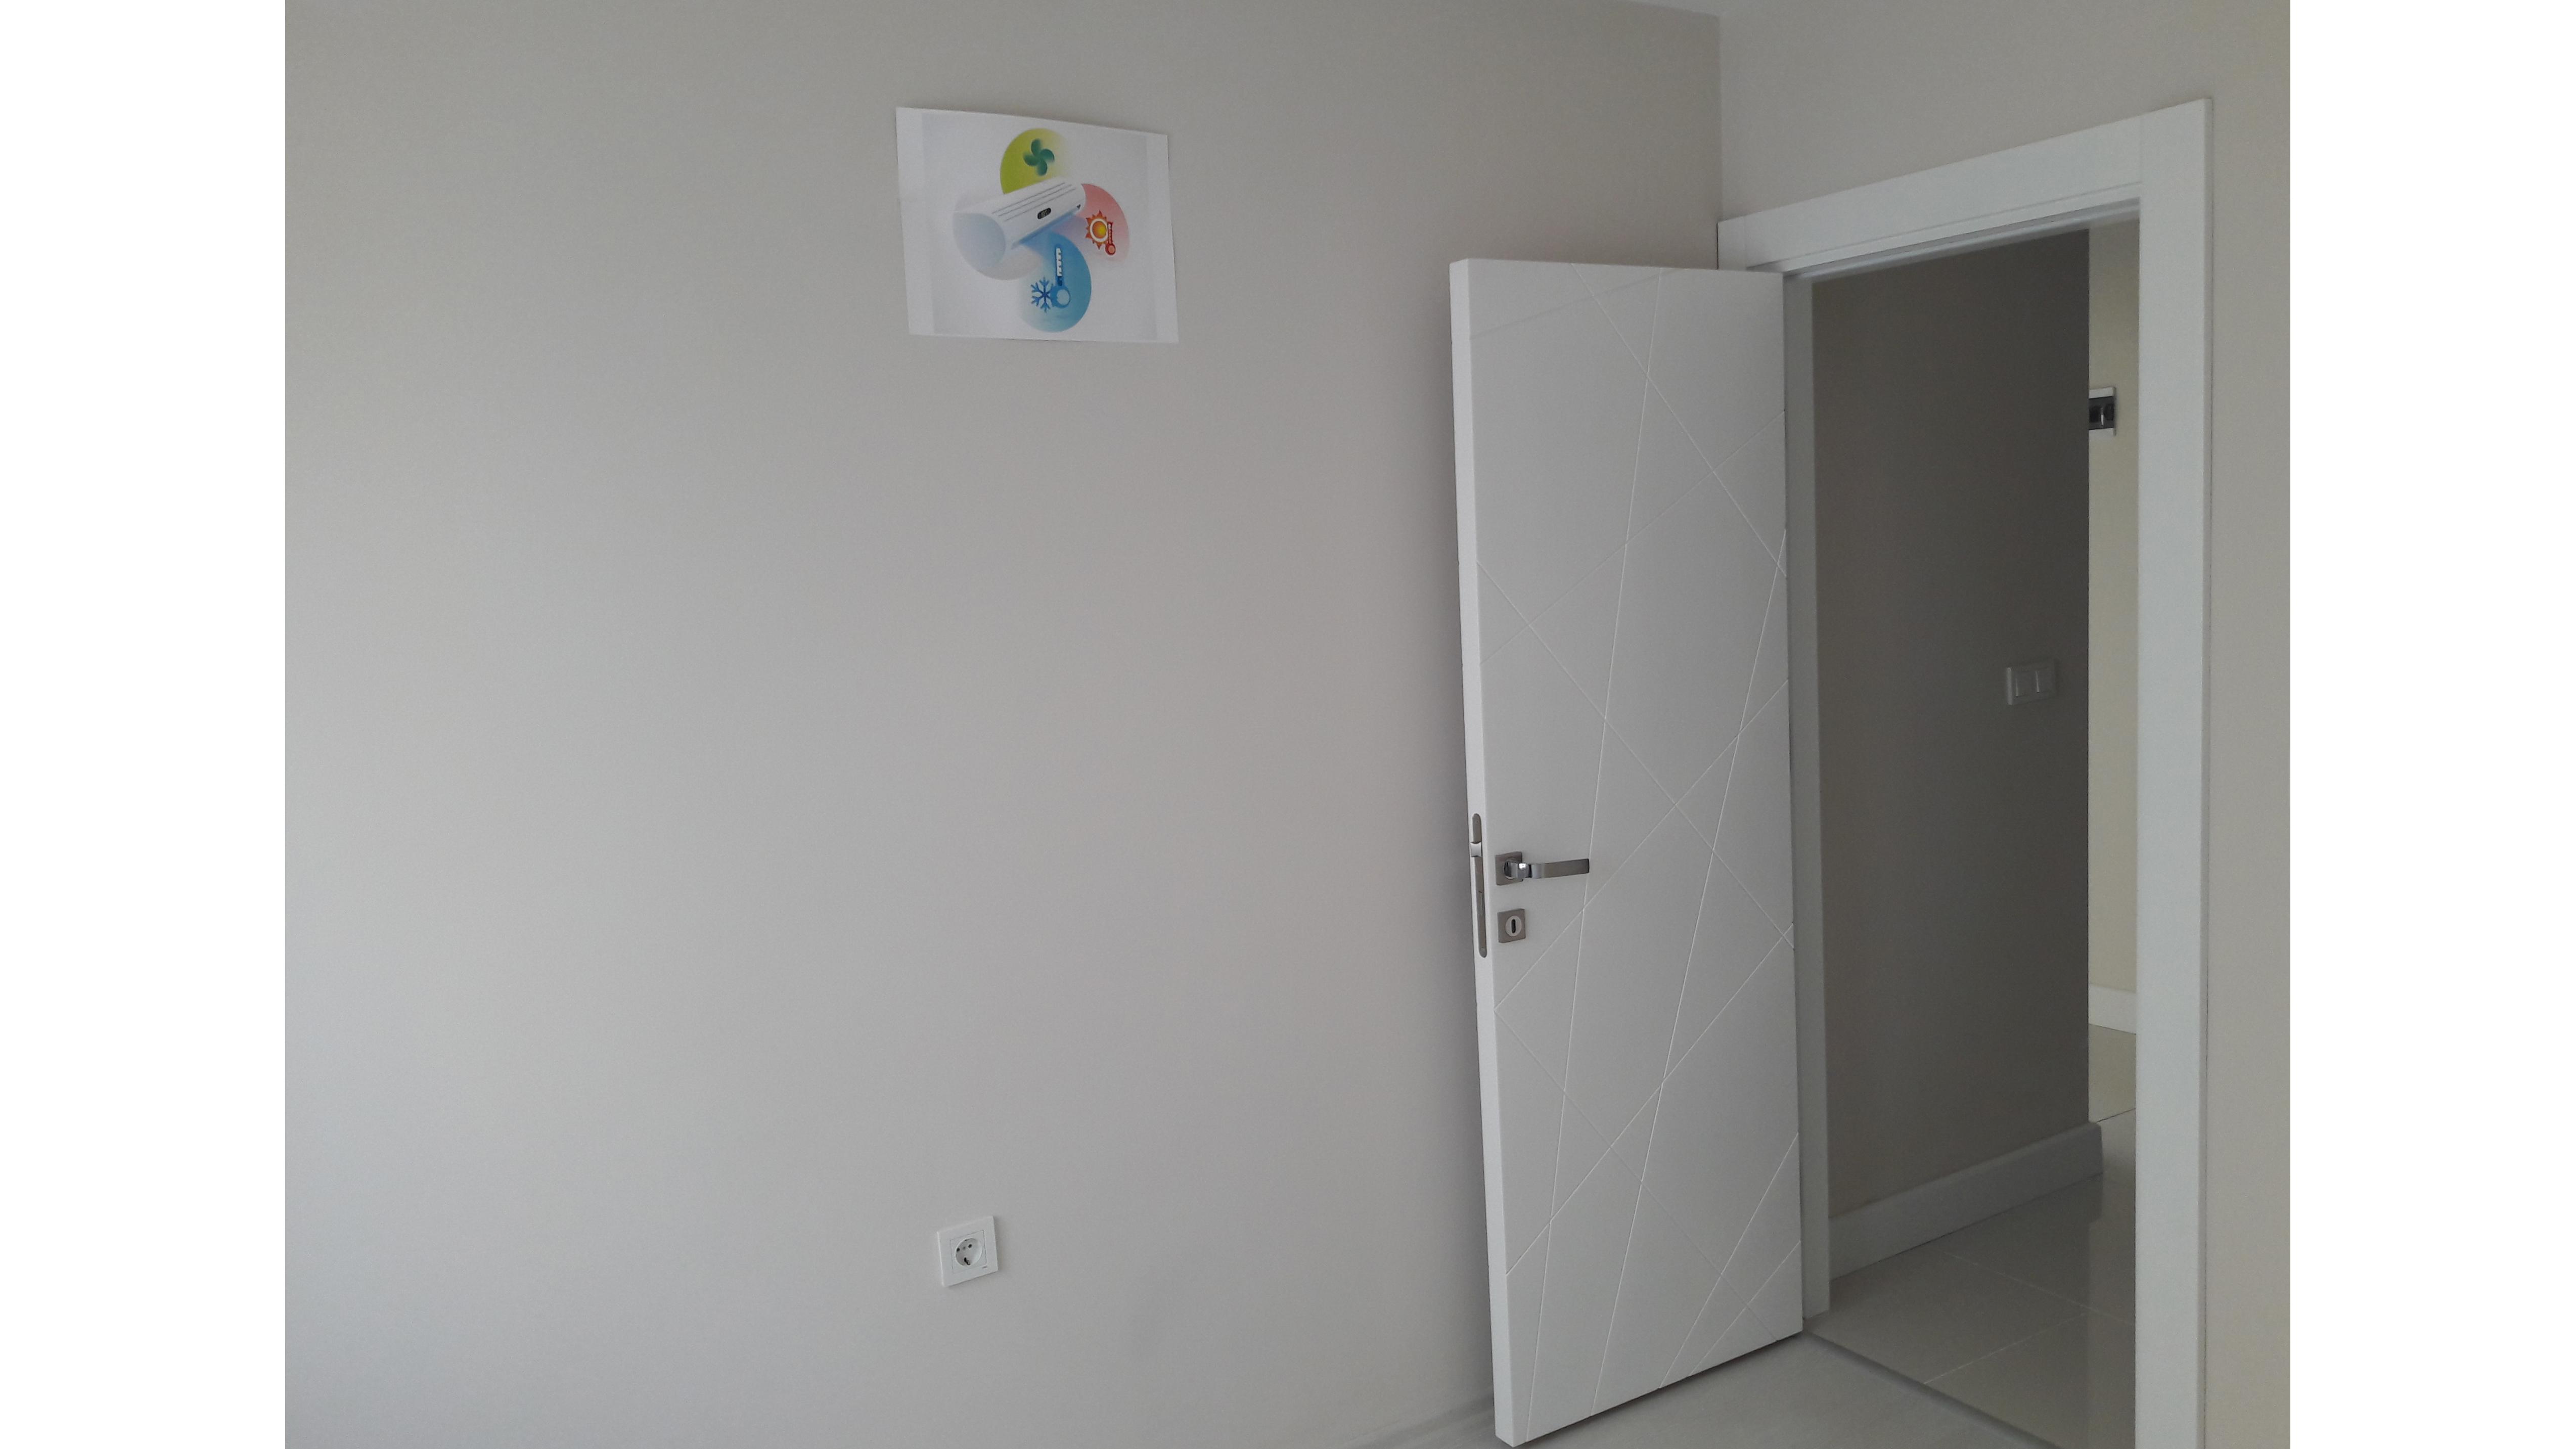 d8 çocuk odası2